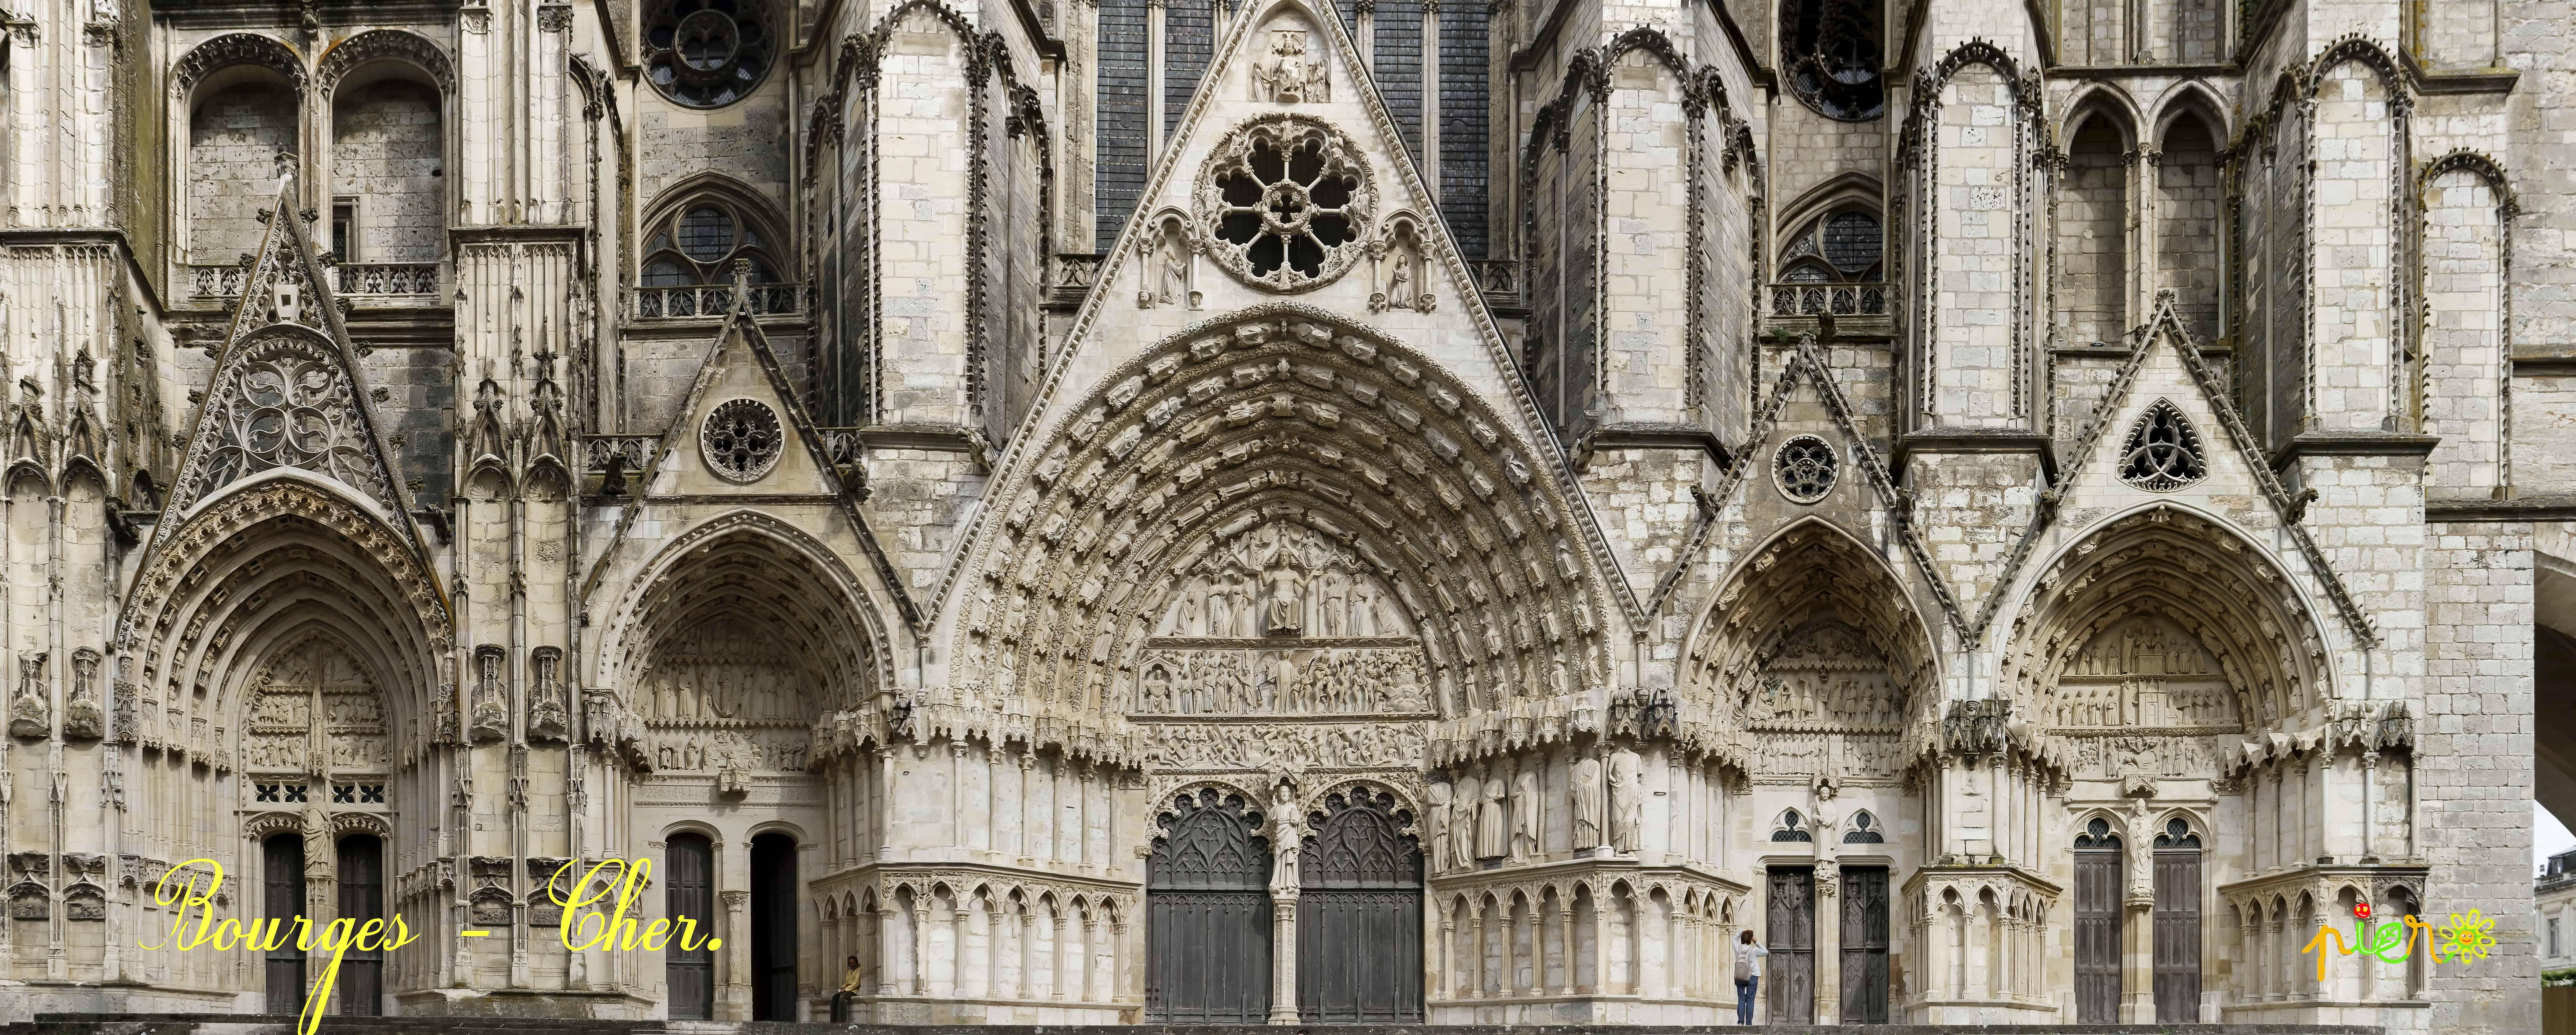 Cathédrale St. Etienne, Bourges - Cher